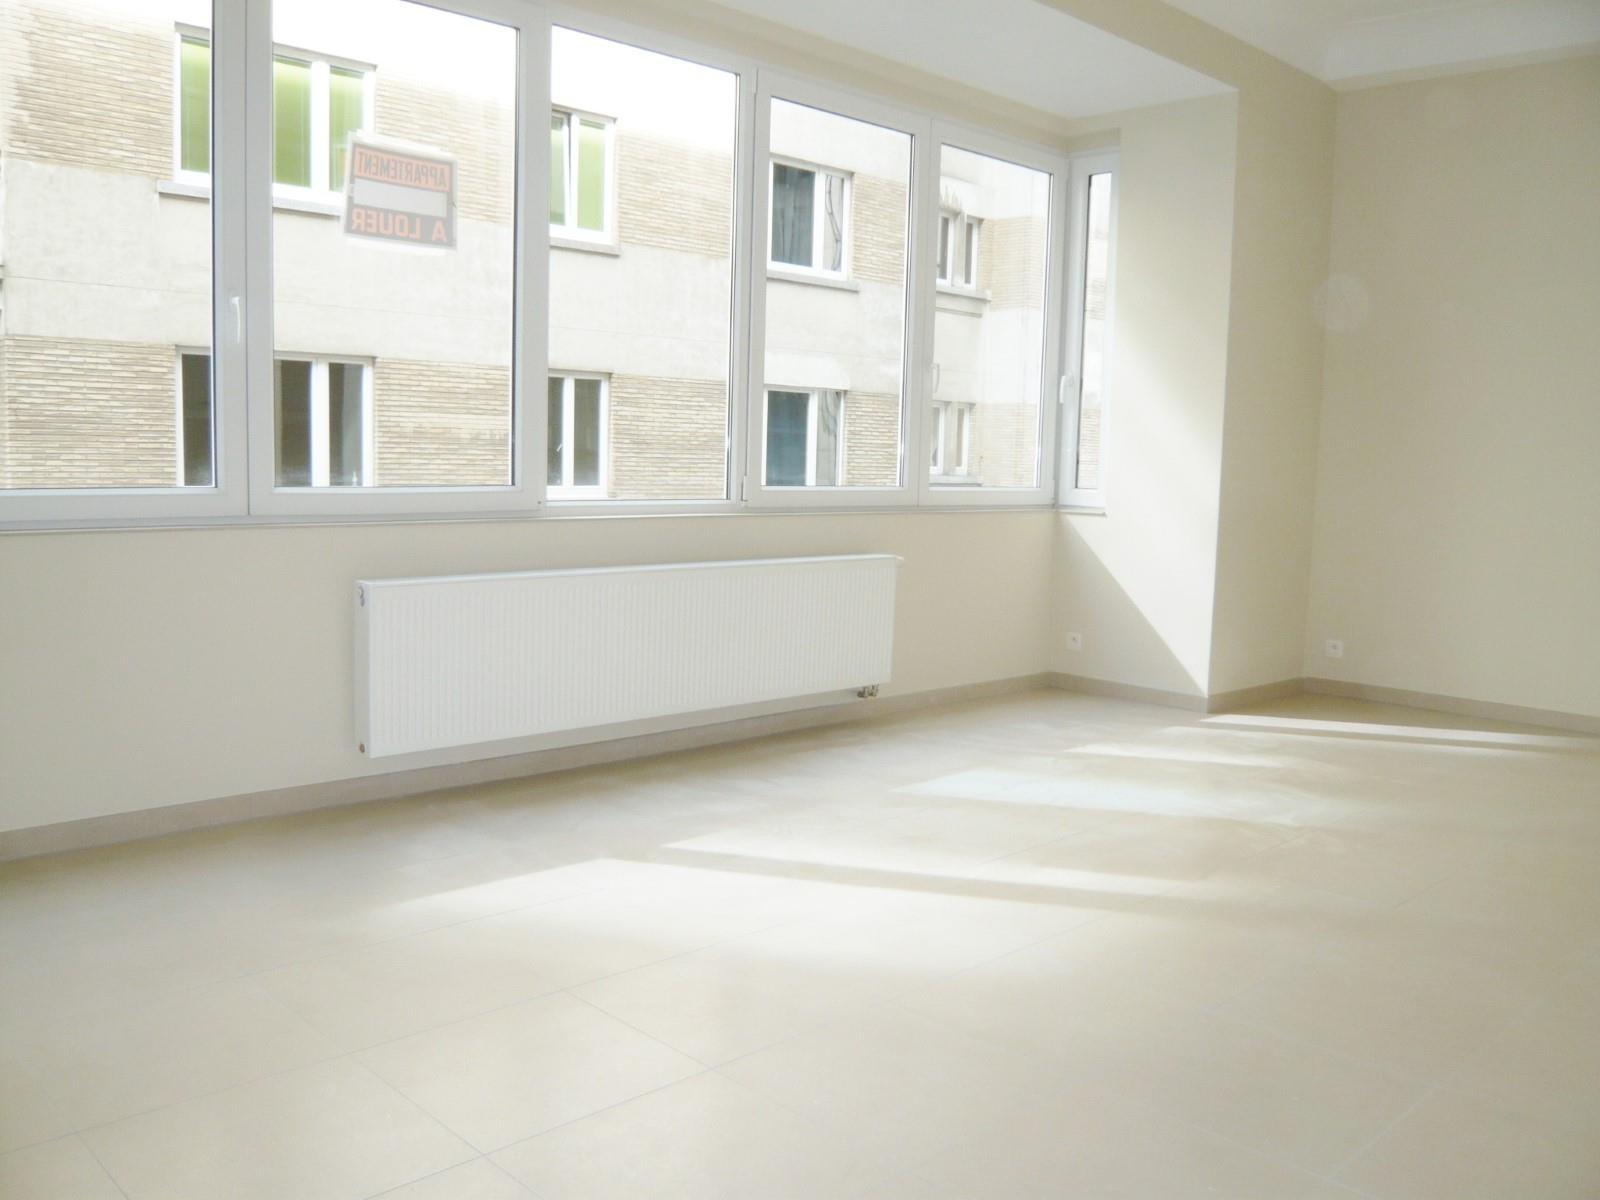 Flat - Bruxelles - #3310838-13